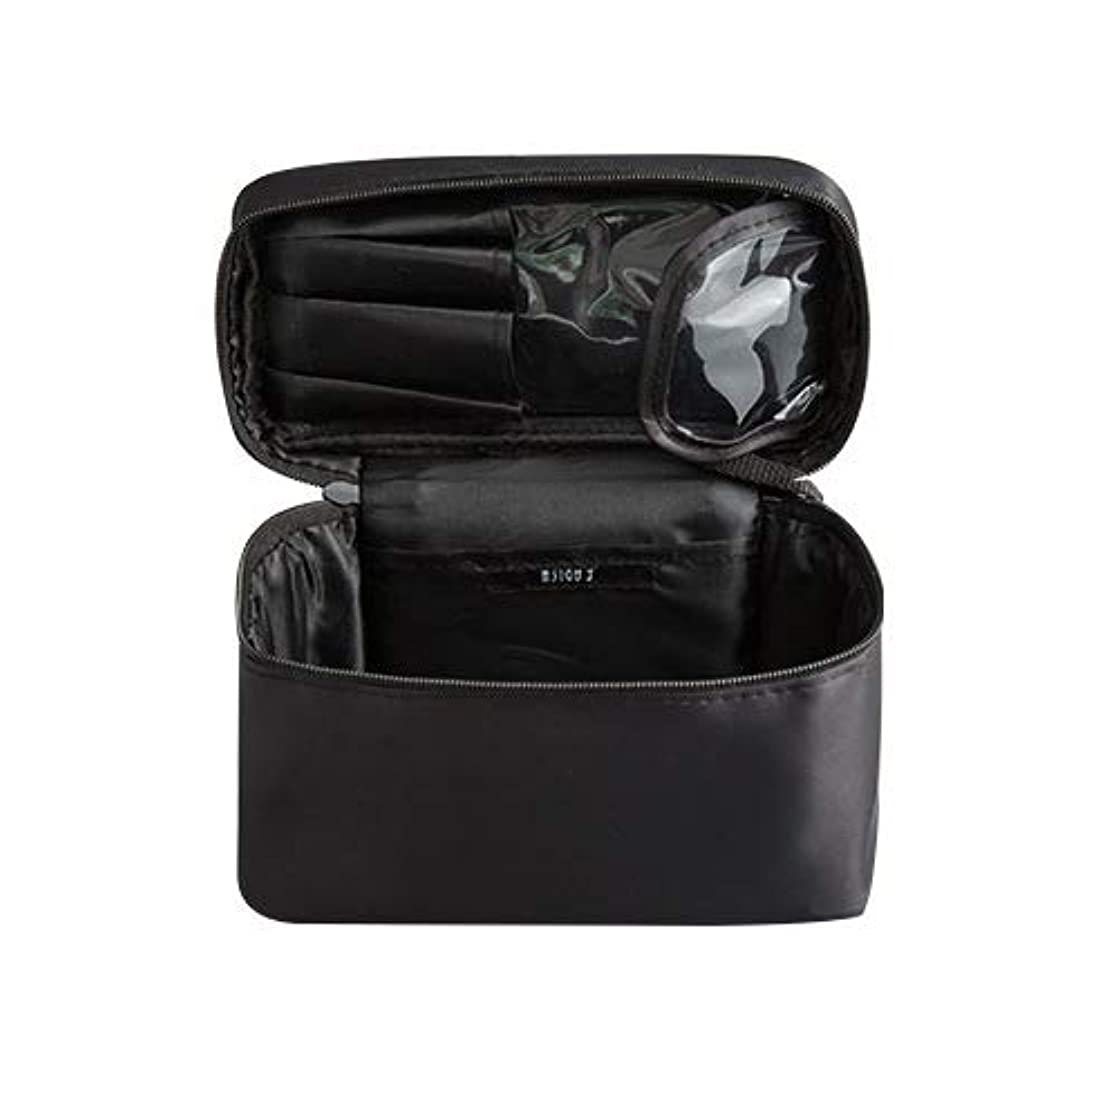 プラスチック直接ブロックメイクボックス プロ用 化粧バッグ 化粧箱 大容量 普段使い 出張 旅行 トラベルポーチ